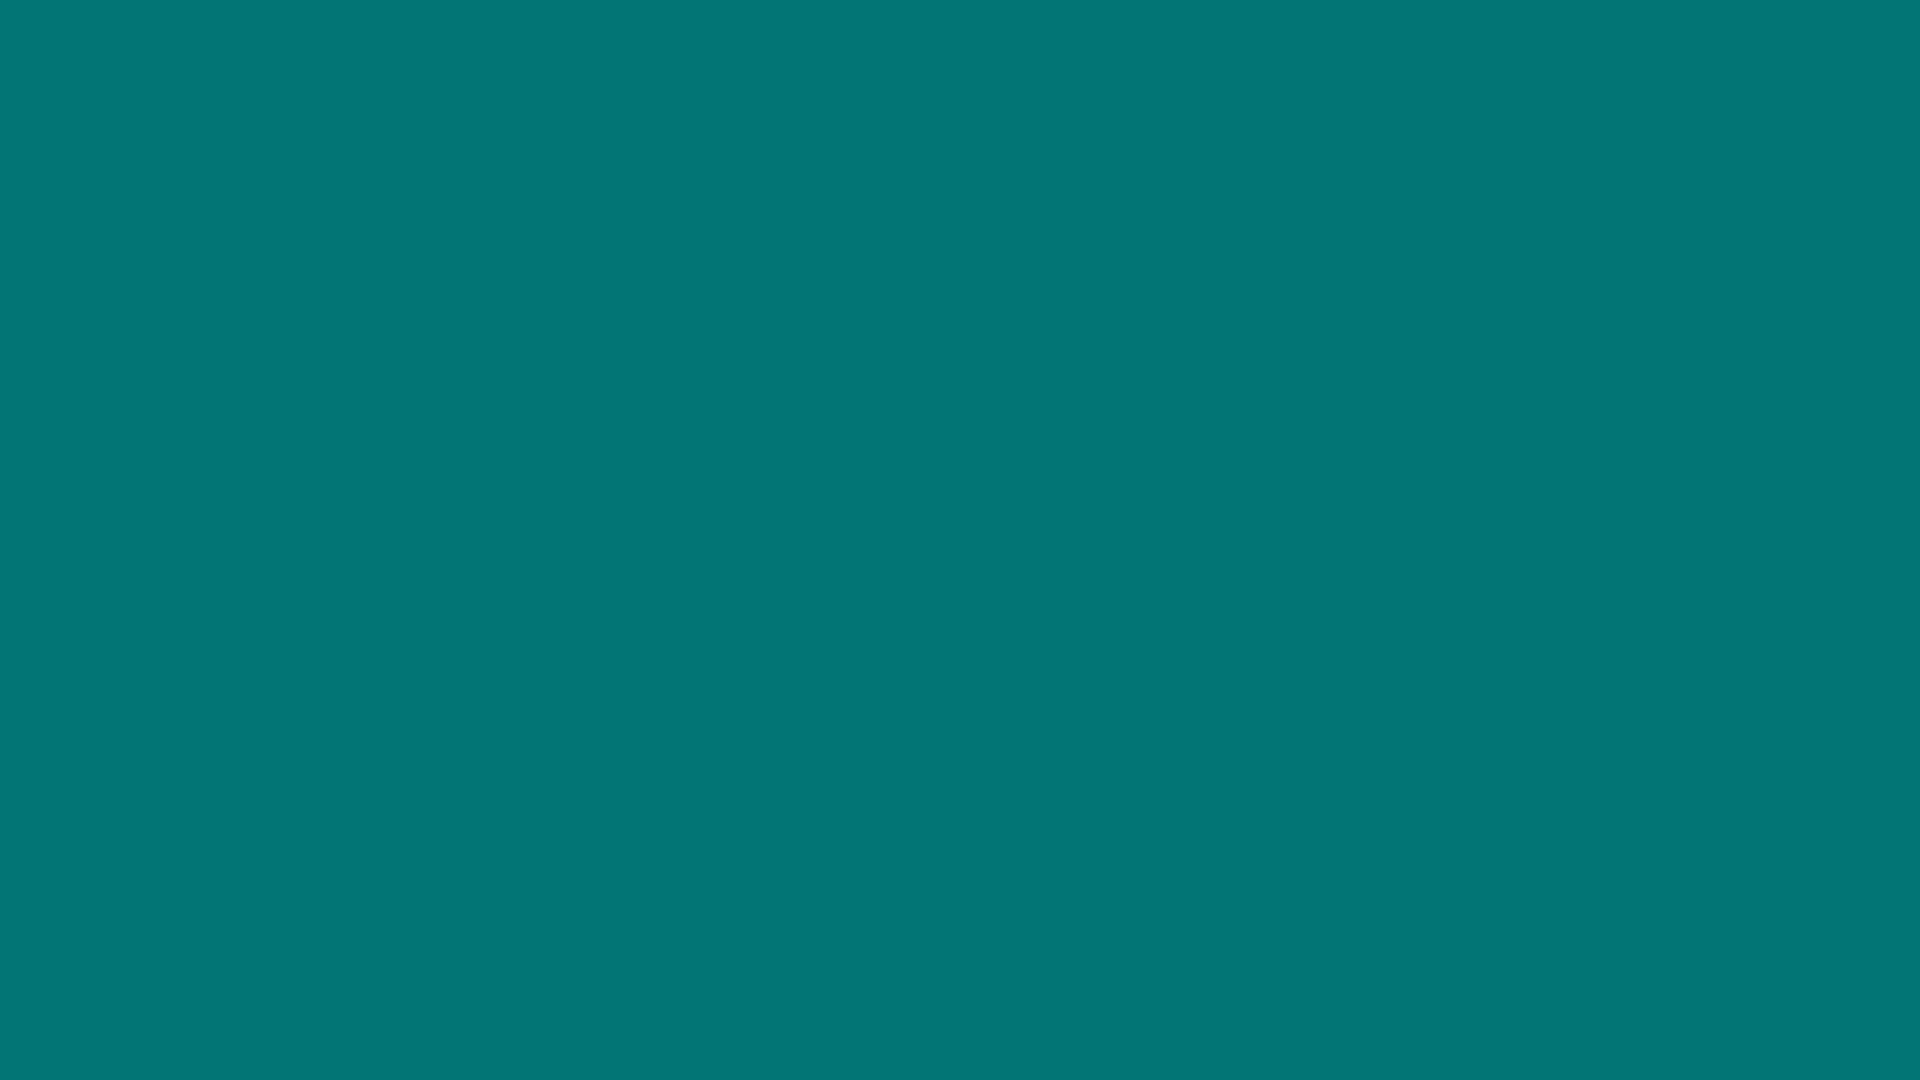 [공지]'오감으로 느끼는 인도네시아' (11.24~28)